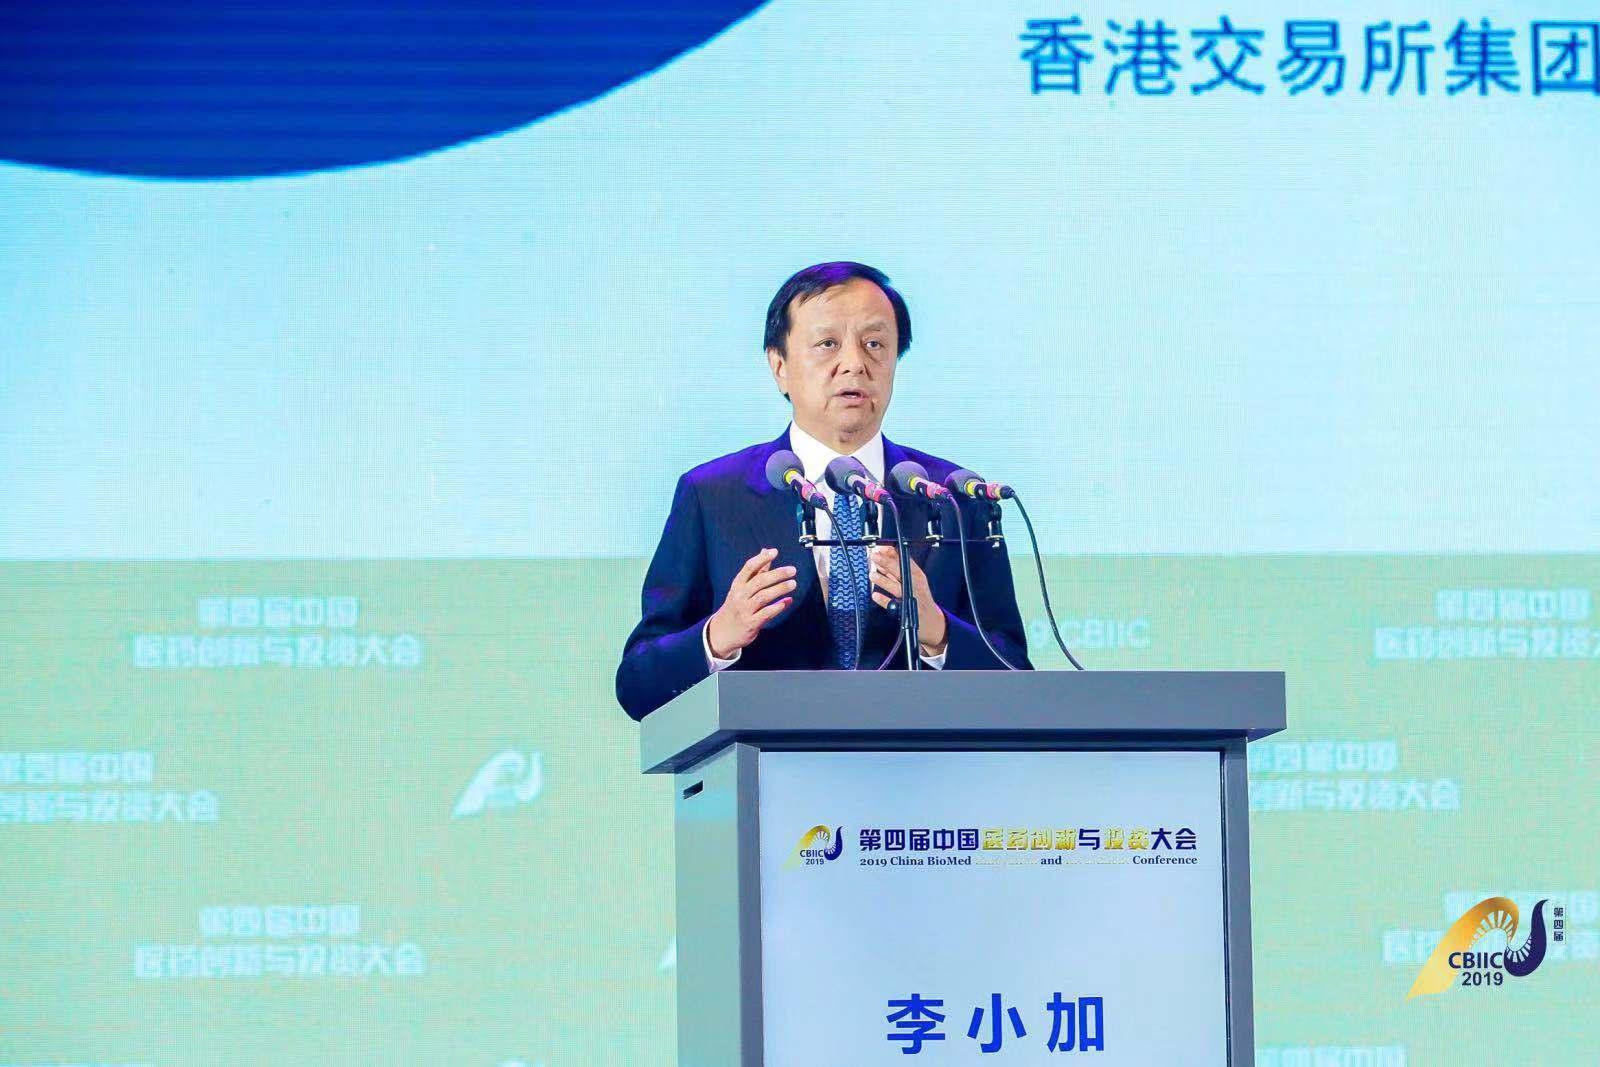 李小加:港交所推动资本前移服务生物科技,科创板提供新选择